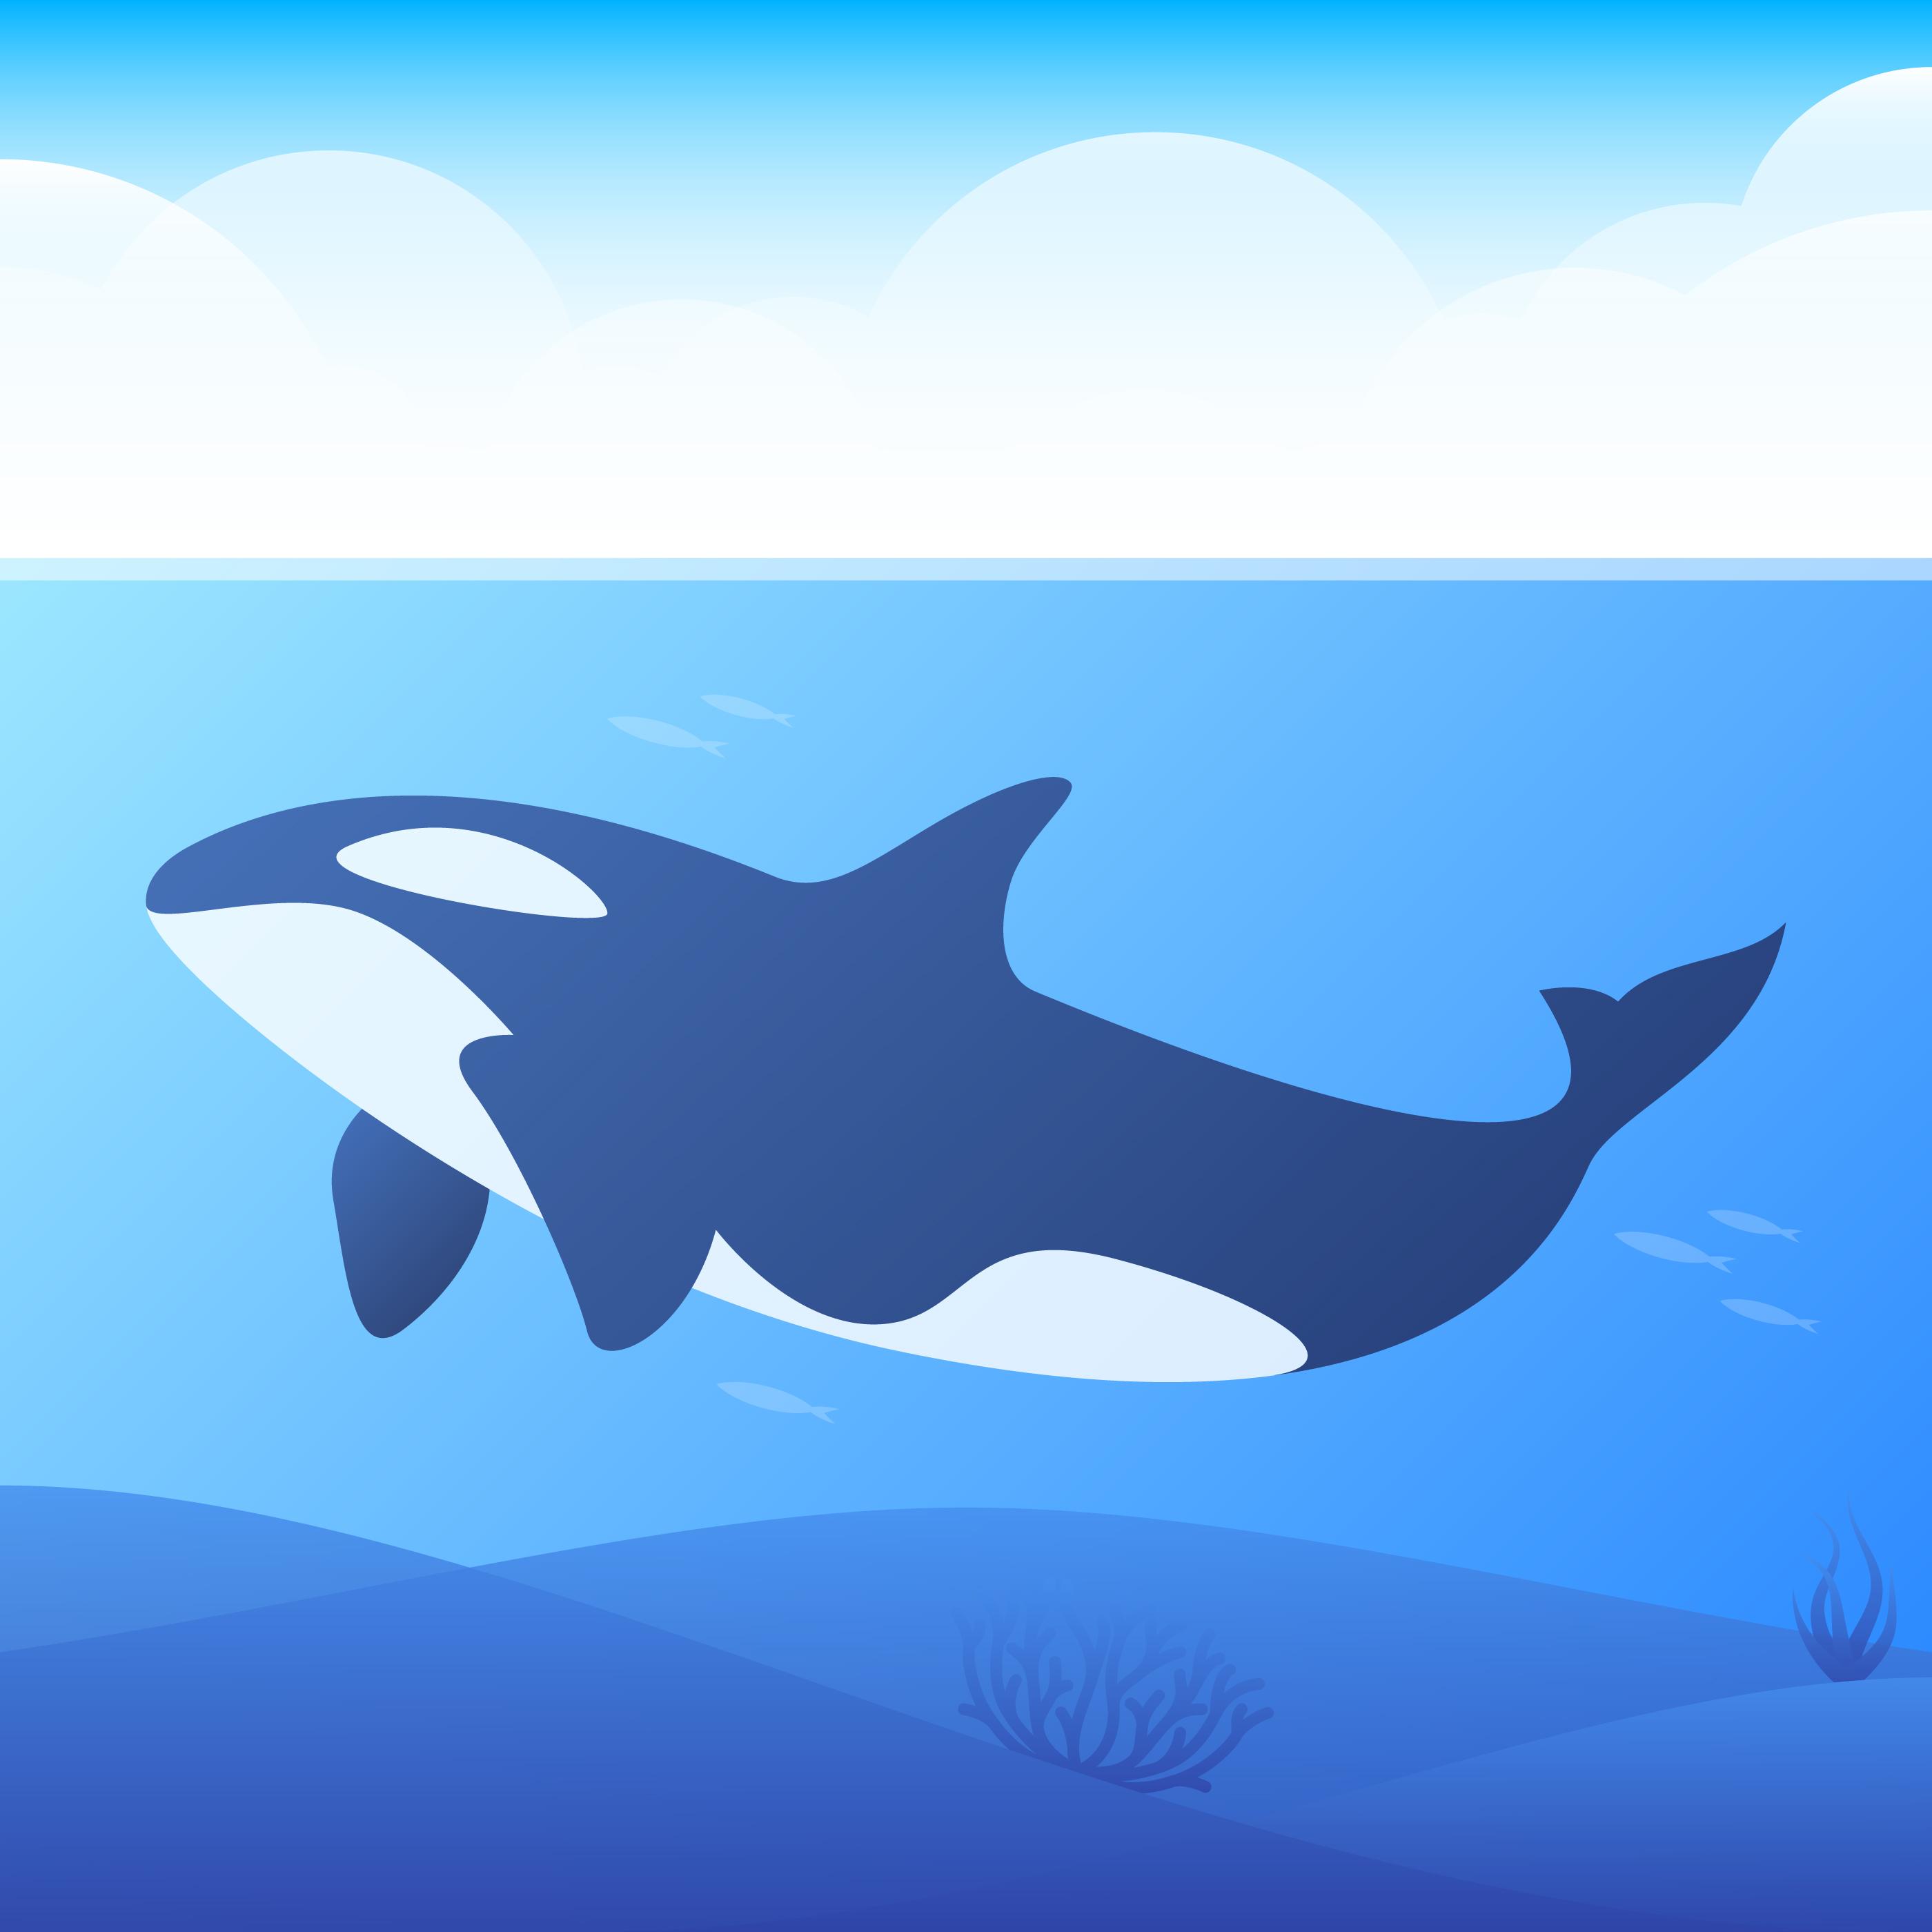 鯨魚q版 免費下載 | 天天瘋後製